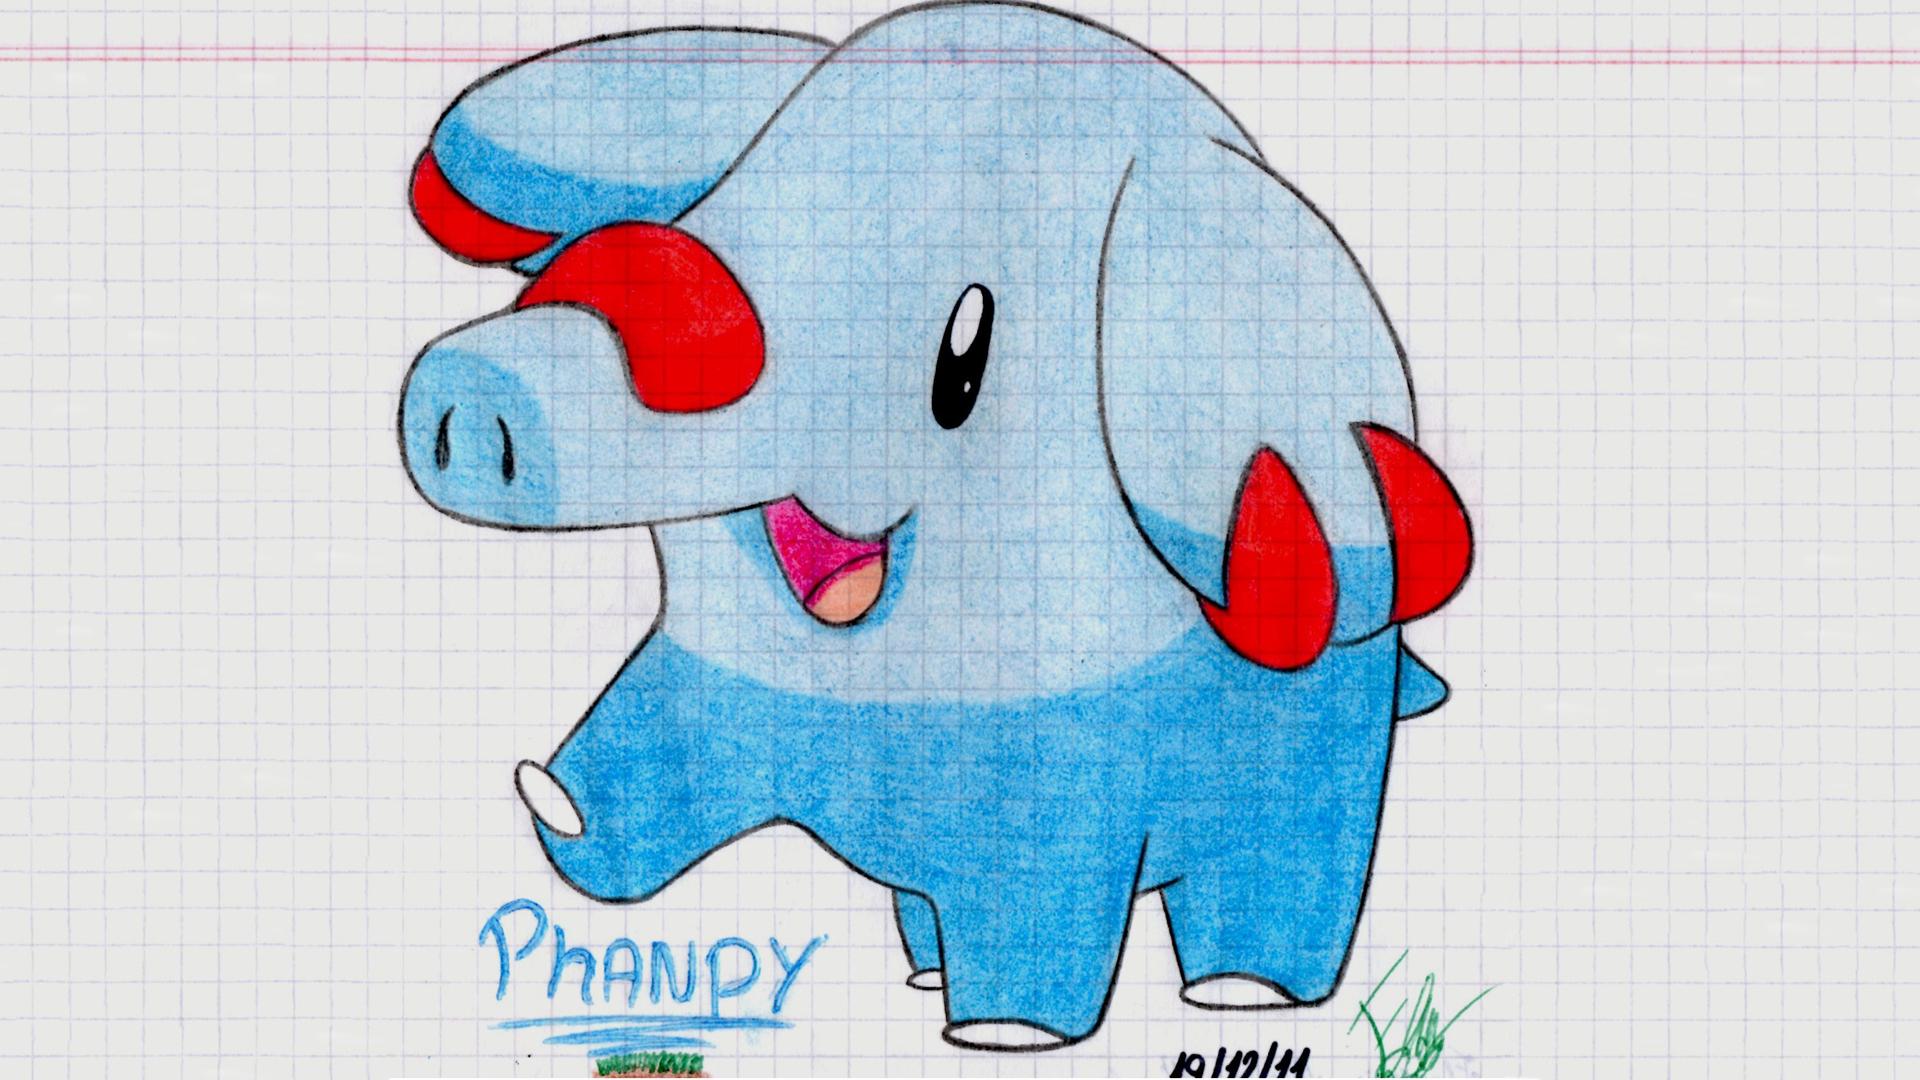 Phanpy HD Wallpaper